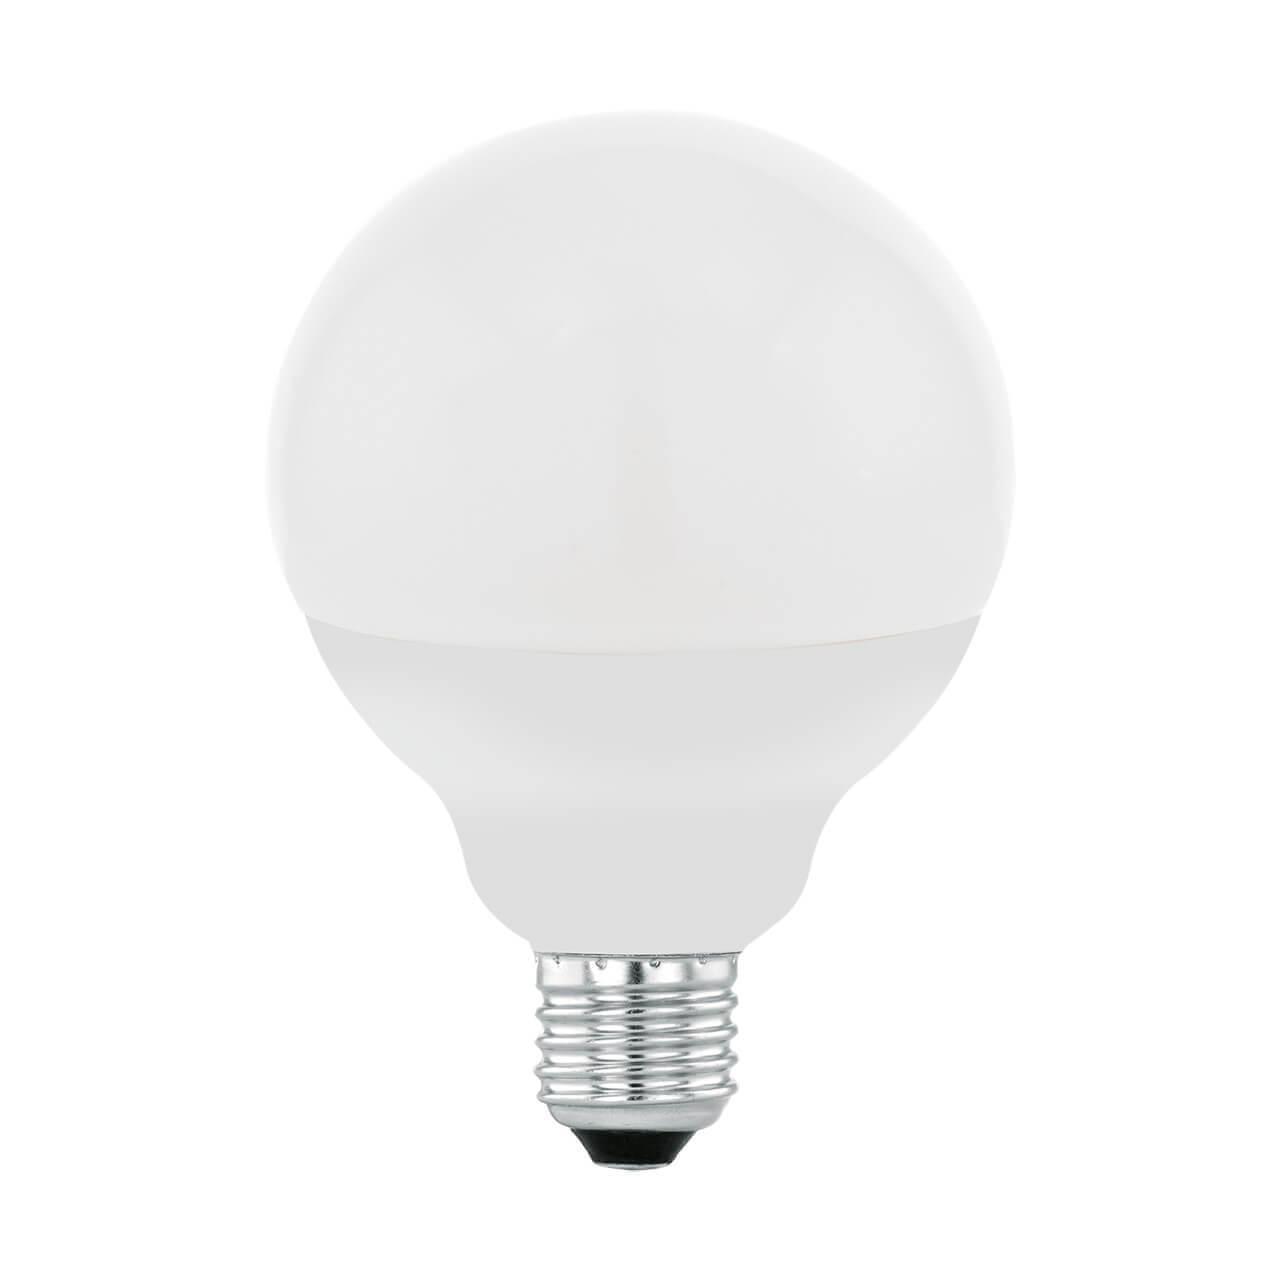 Лампа светодиодная Eglo E27 13W 2700-6500K матовая 11659